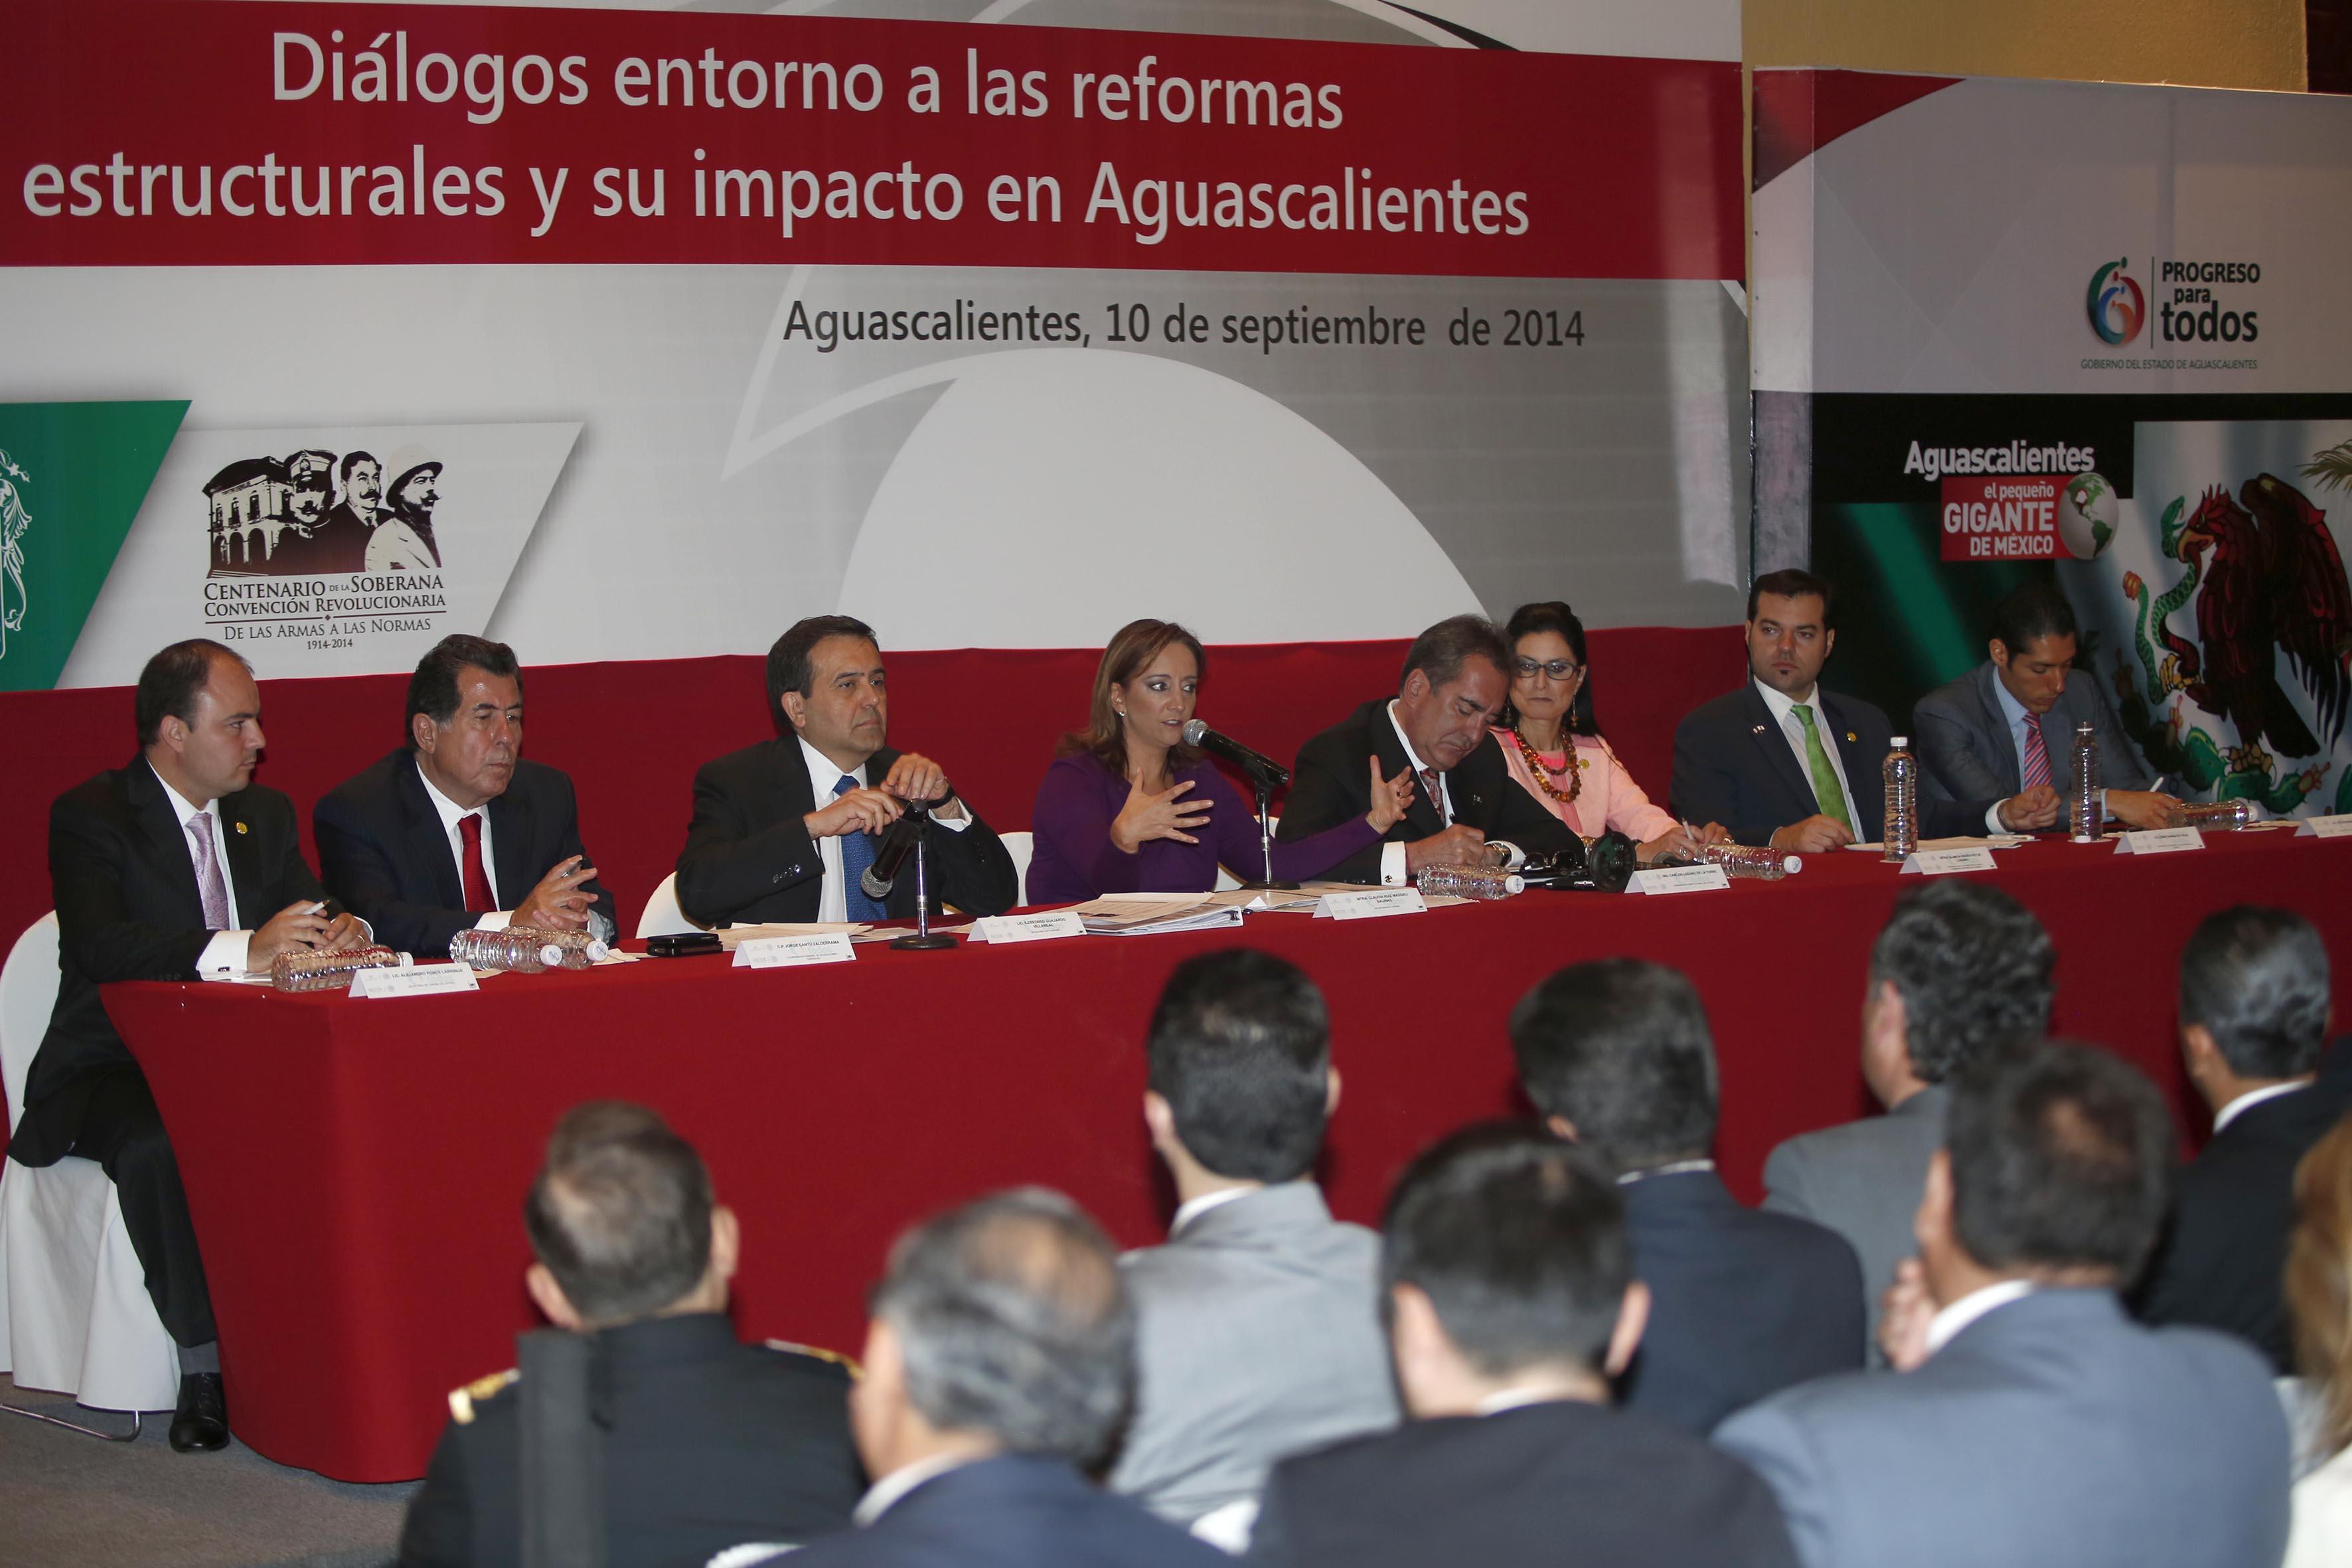 La Secretaria de Turismo, Claudia Ruiz Massieu en reunión Diálogos Entorno a las Reformas Estructurales  y su Impacto en Aguascalientes.